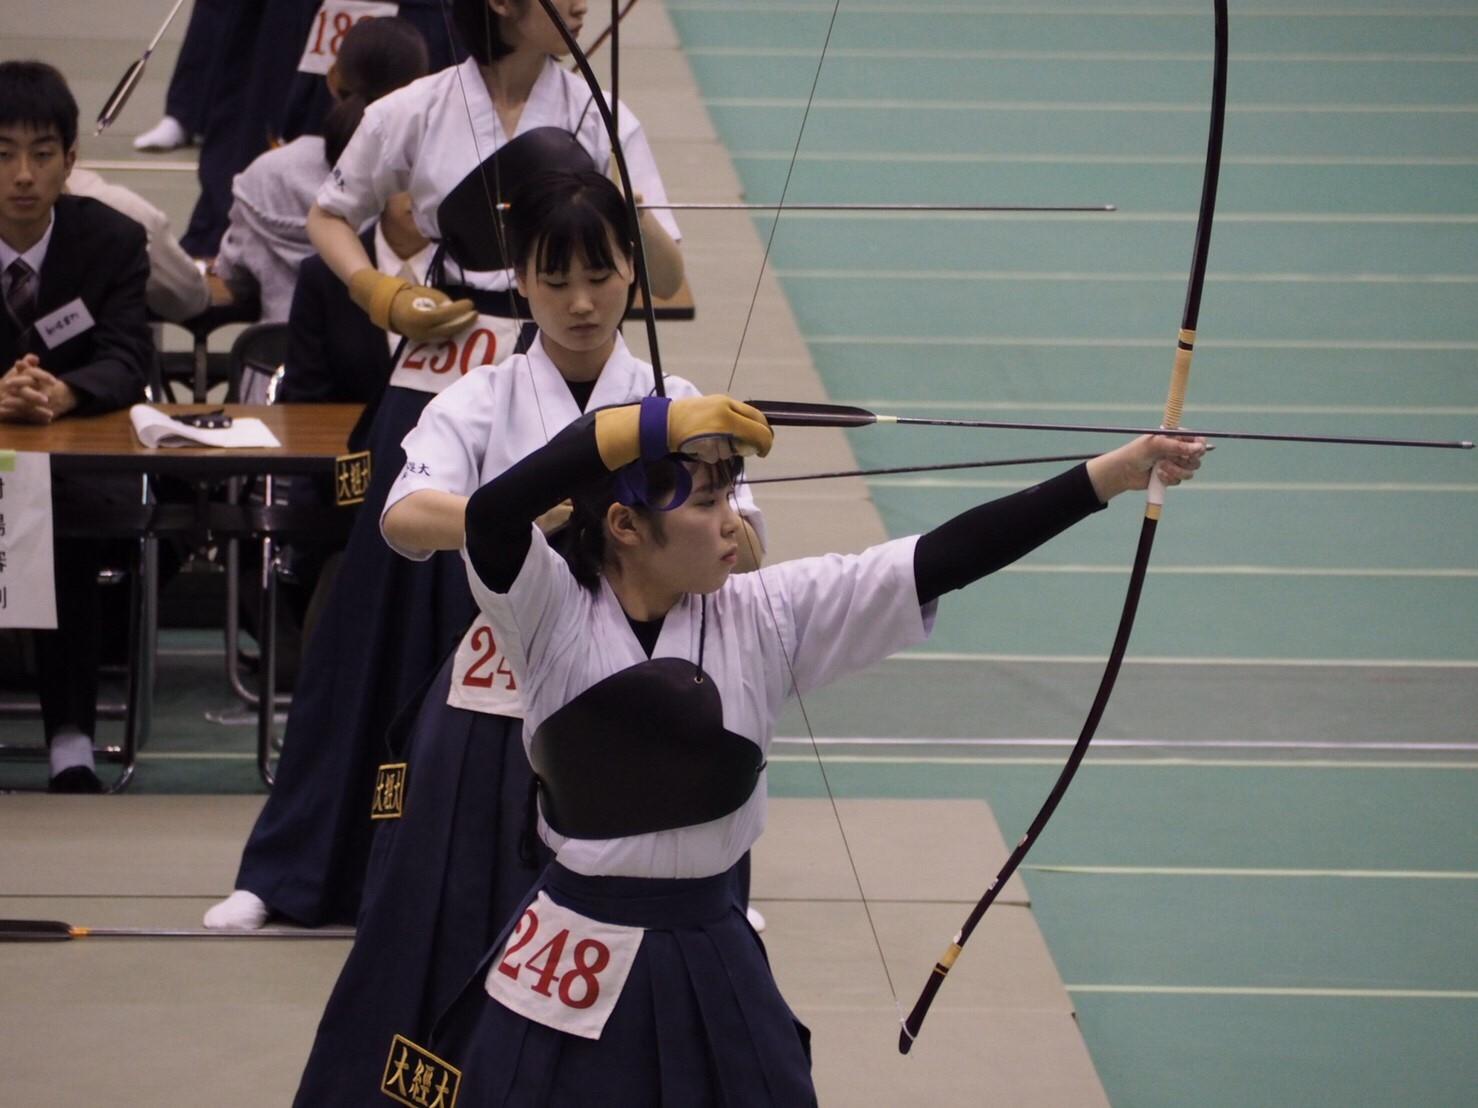 http://blog.osaka-ue.ac.jp/sports/2020/03/190527_4.jpg